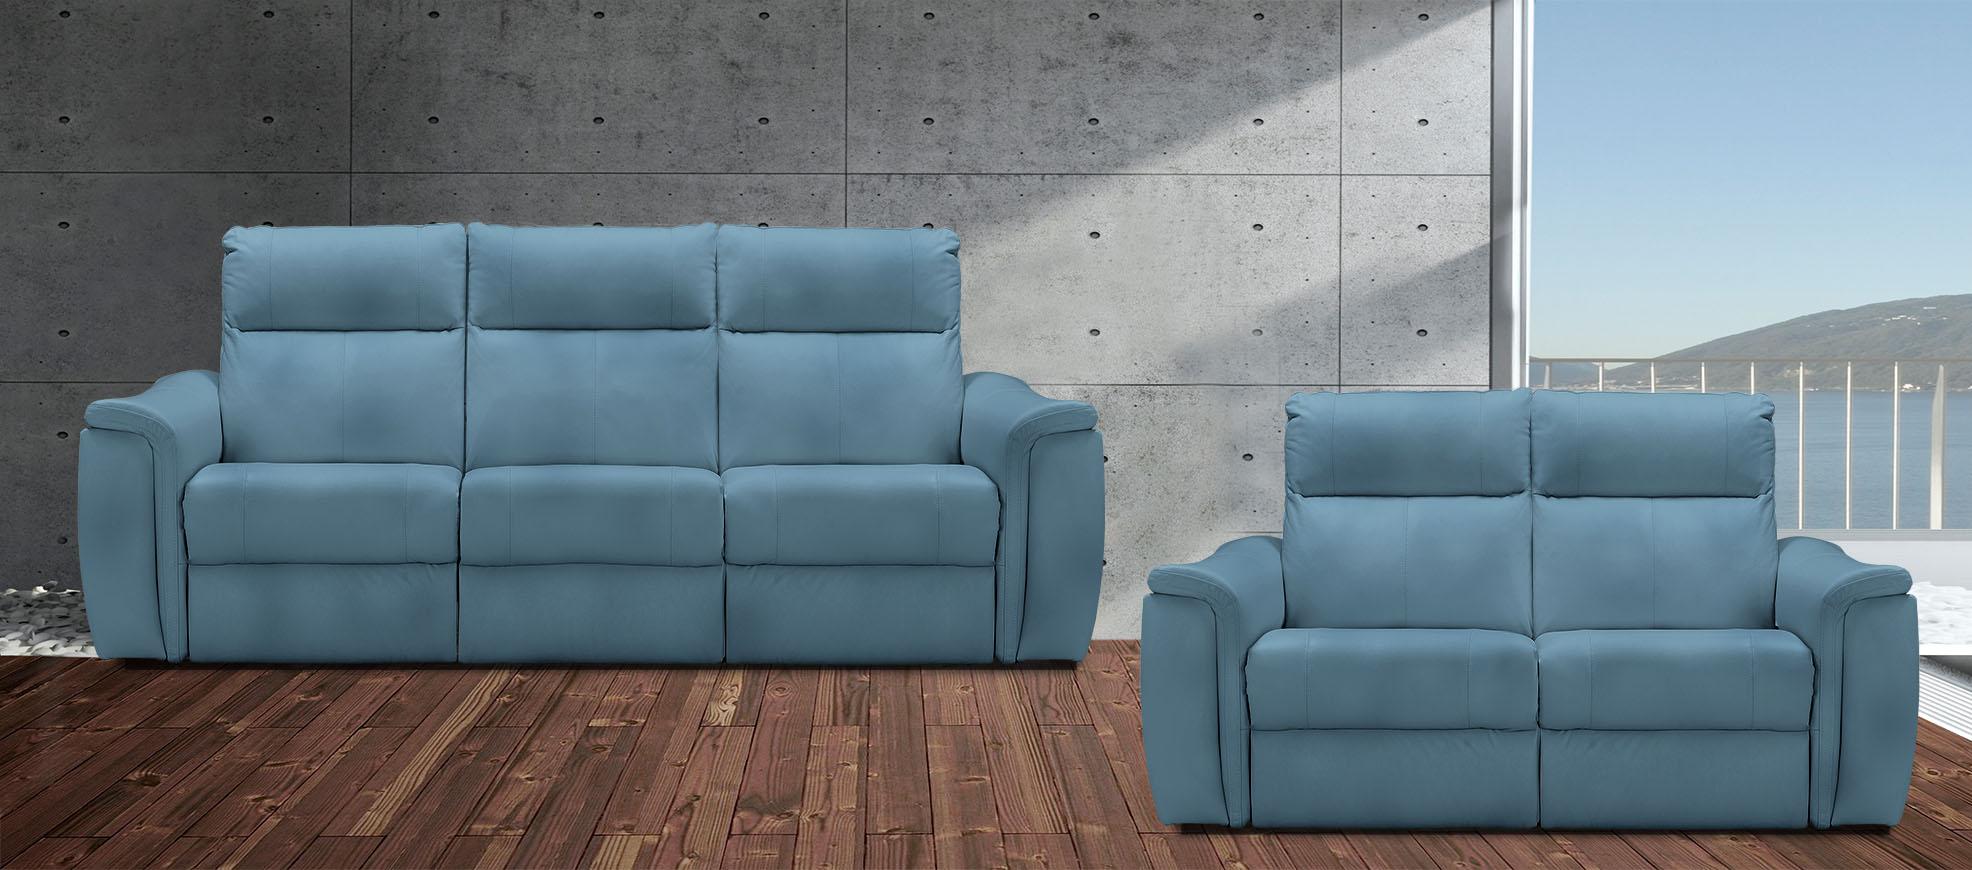 רילקסון 4056 3+2 סלון מתכוונן עור תוצרת קנדה כחול